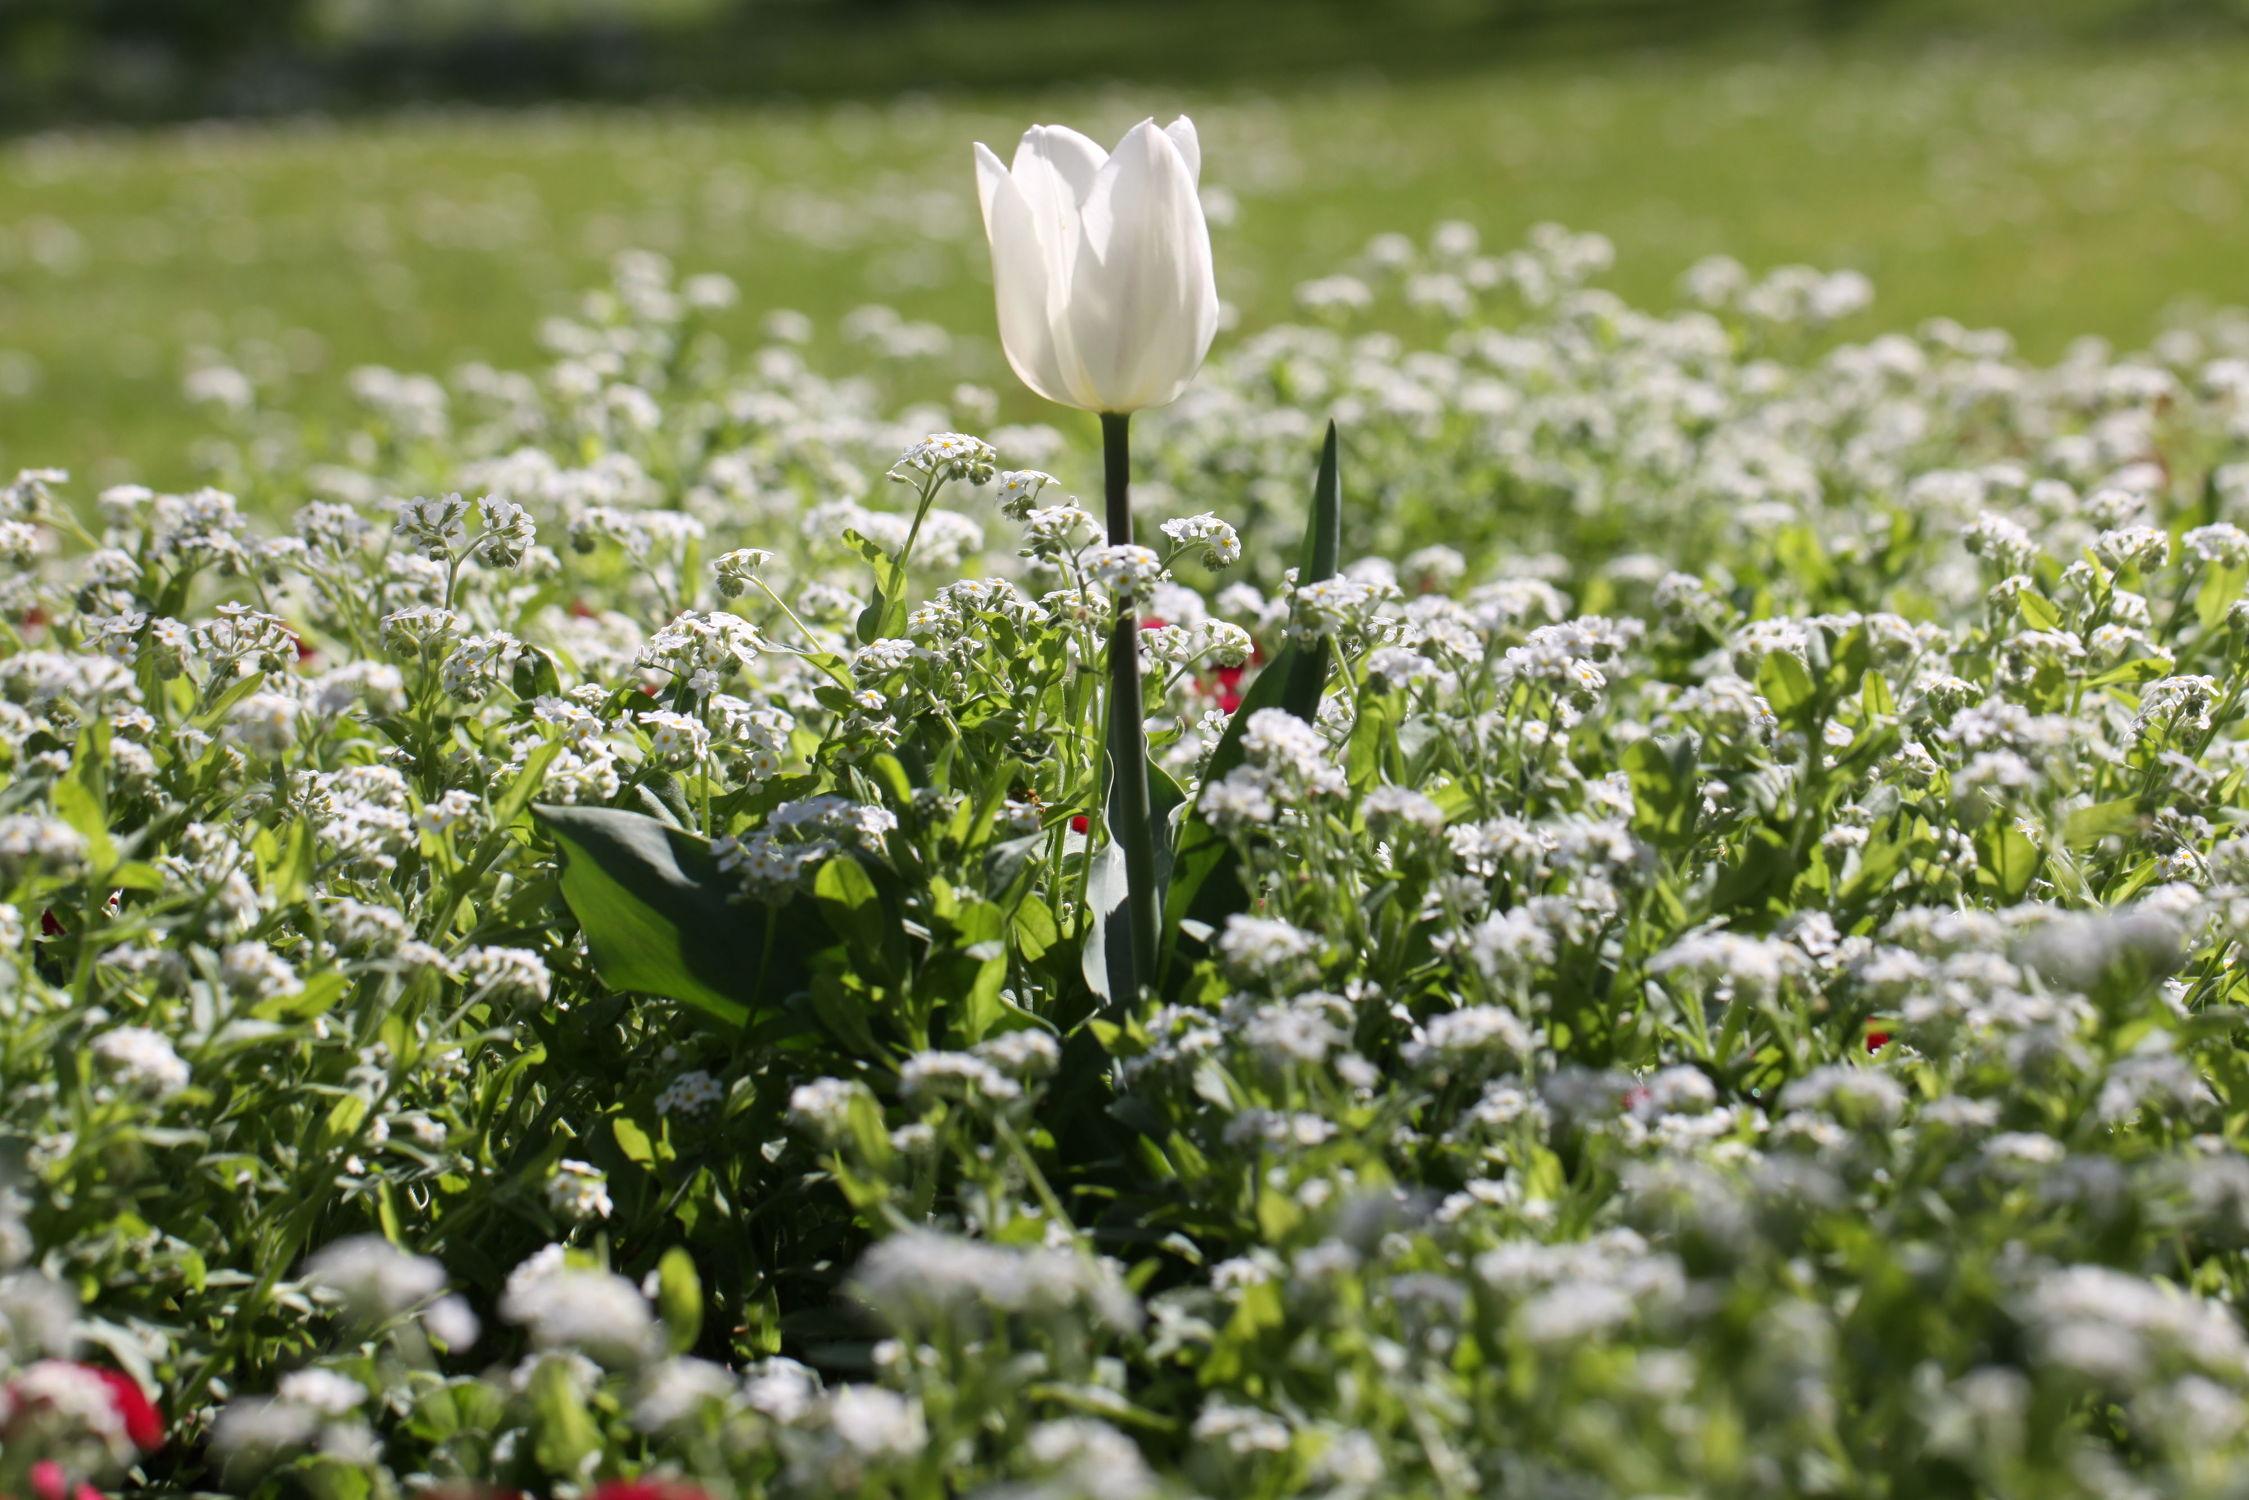 Bild mit Blumen, Blume, Makro, Tulpe, Tulpen, Blüten, Makroaufnahmen, blüte, Blumenblüten, Blumenfeld, blumenfelder